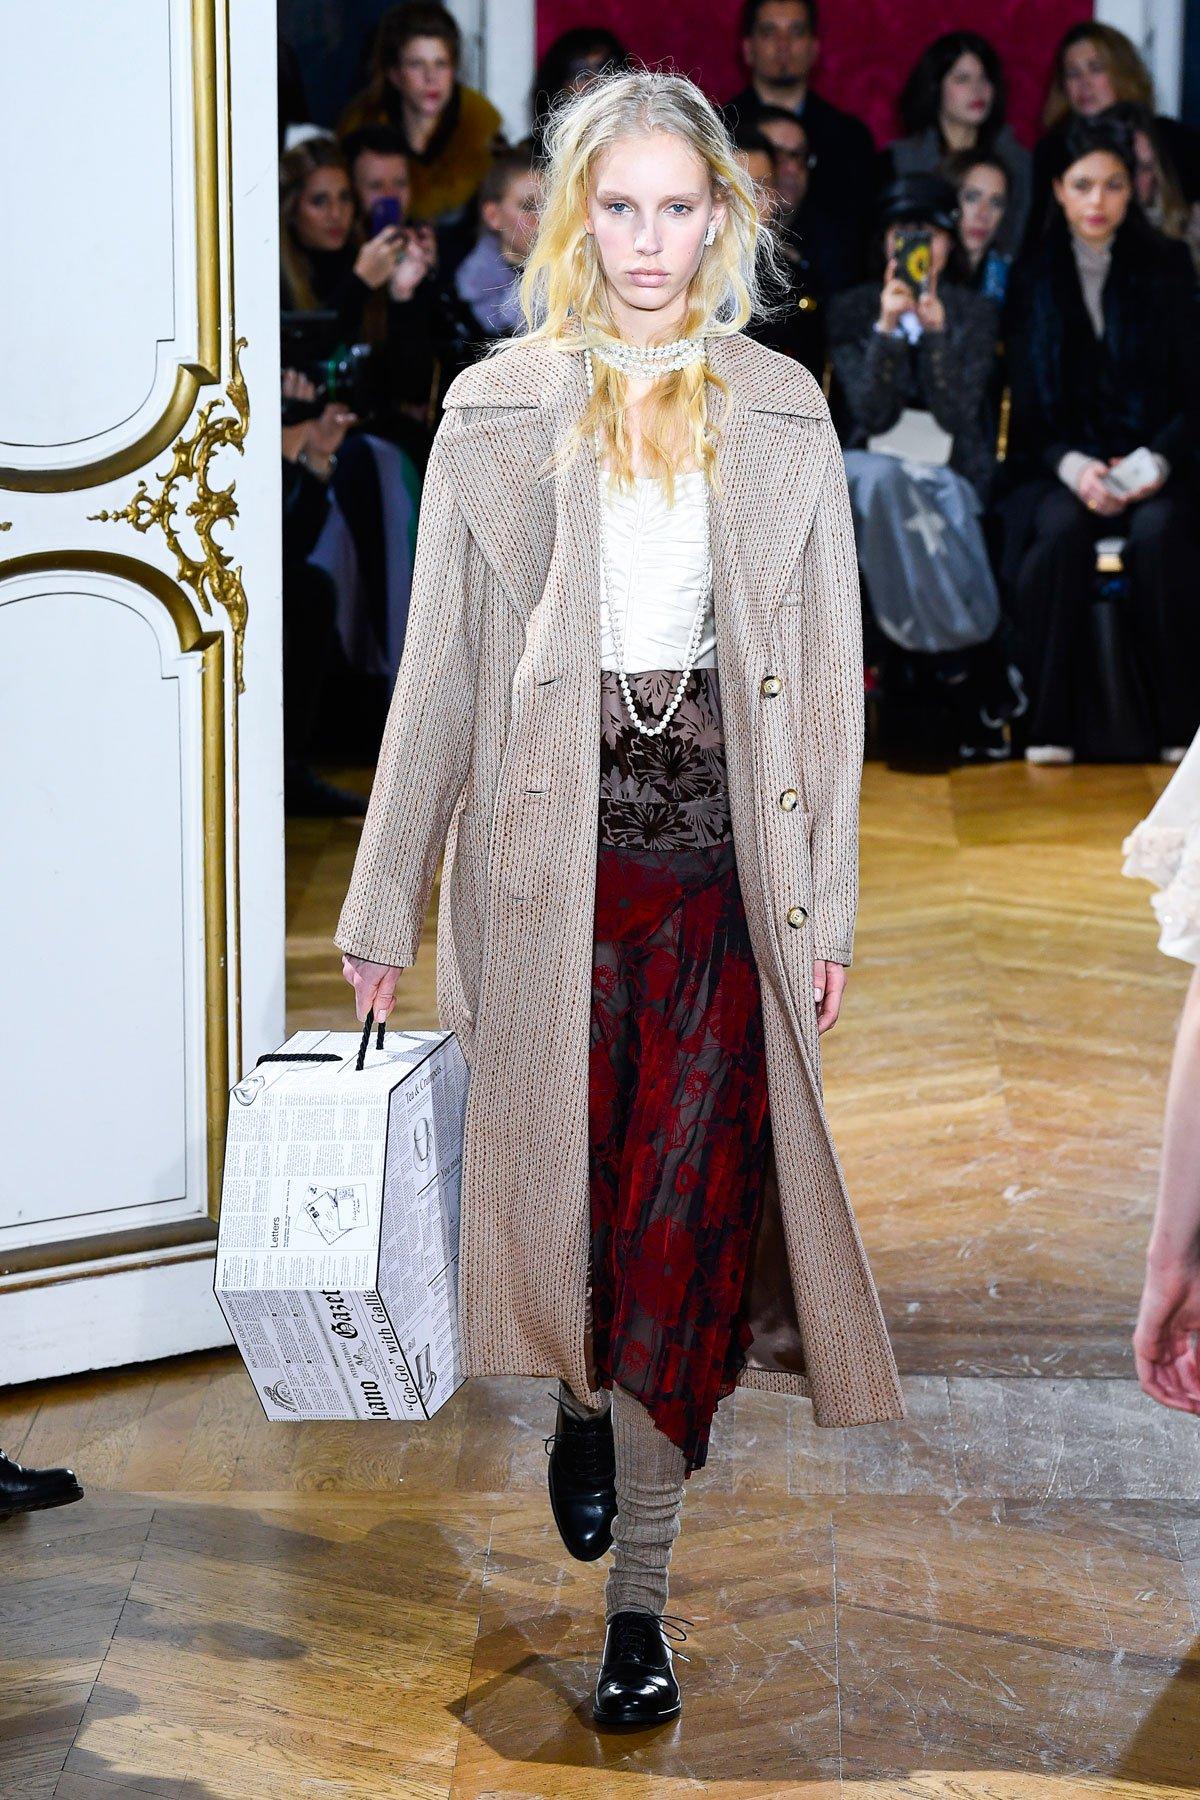 1f4156d36 عرض أزياء John Galliano لخريف 2018، خلال أسبوع الموضة في باريس